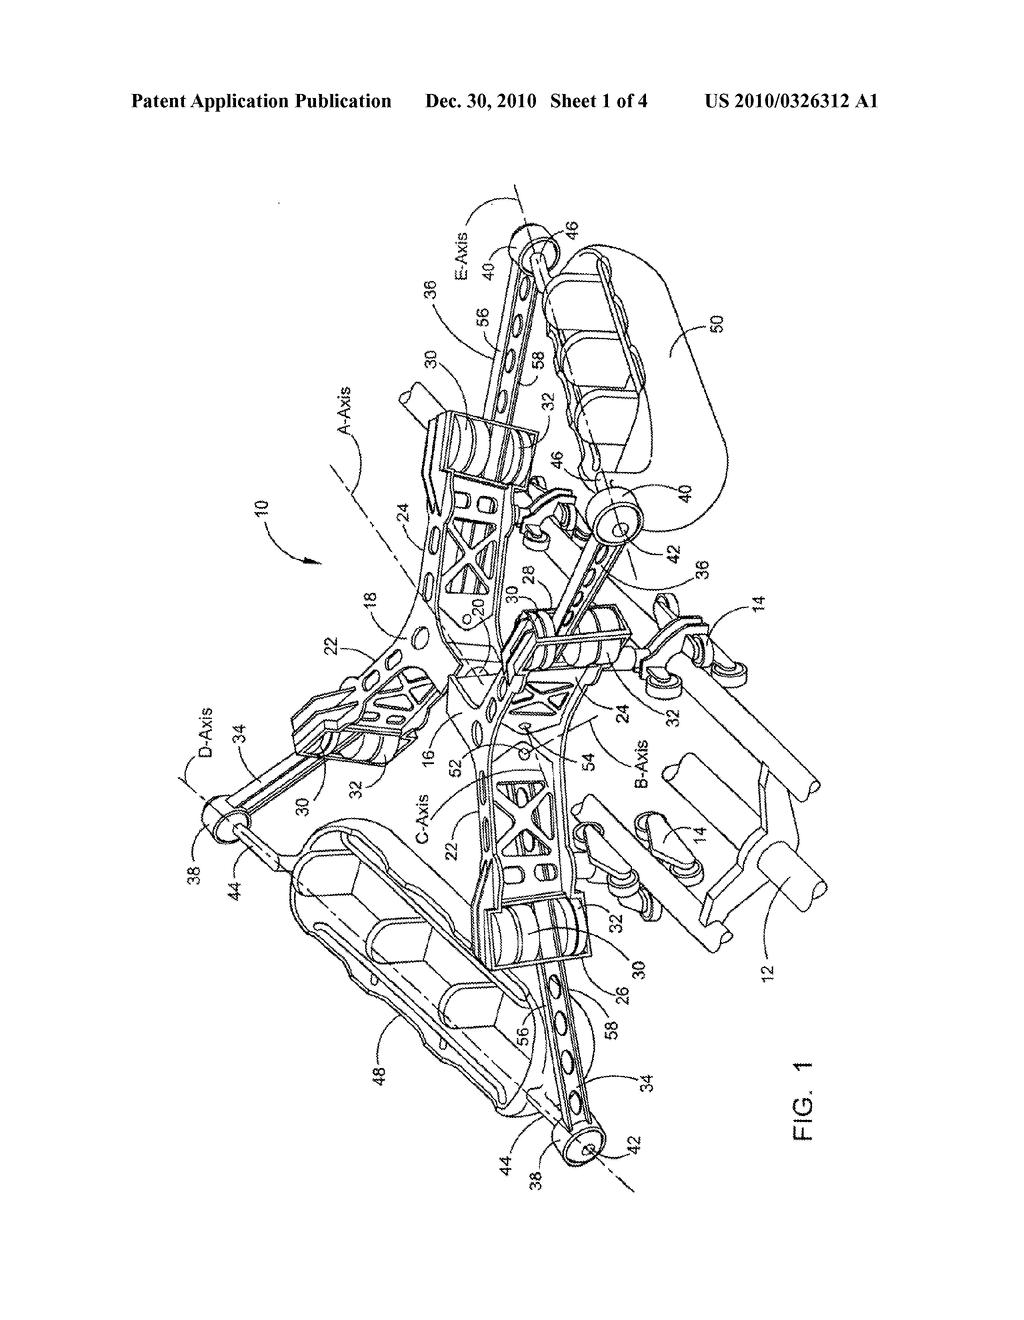 Awesome Longitudinally Spinning Suspension Roller Coaster Diagram Wiring Database Ittabxeroyuccorg